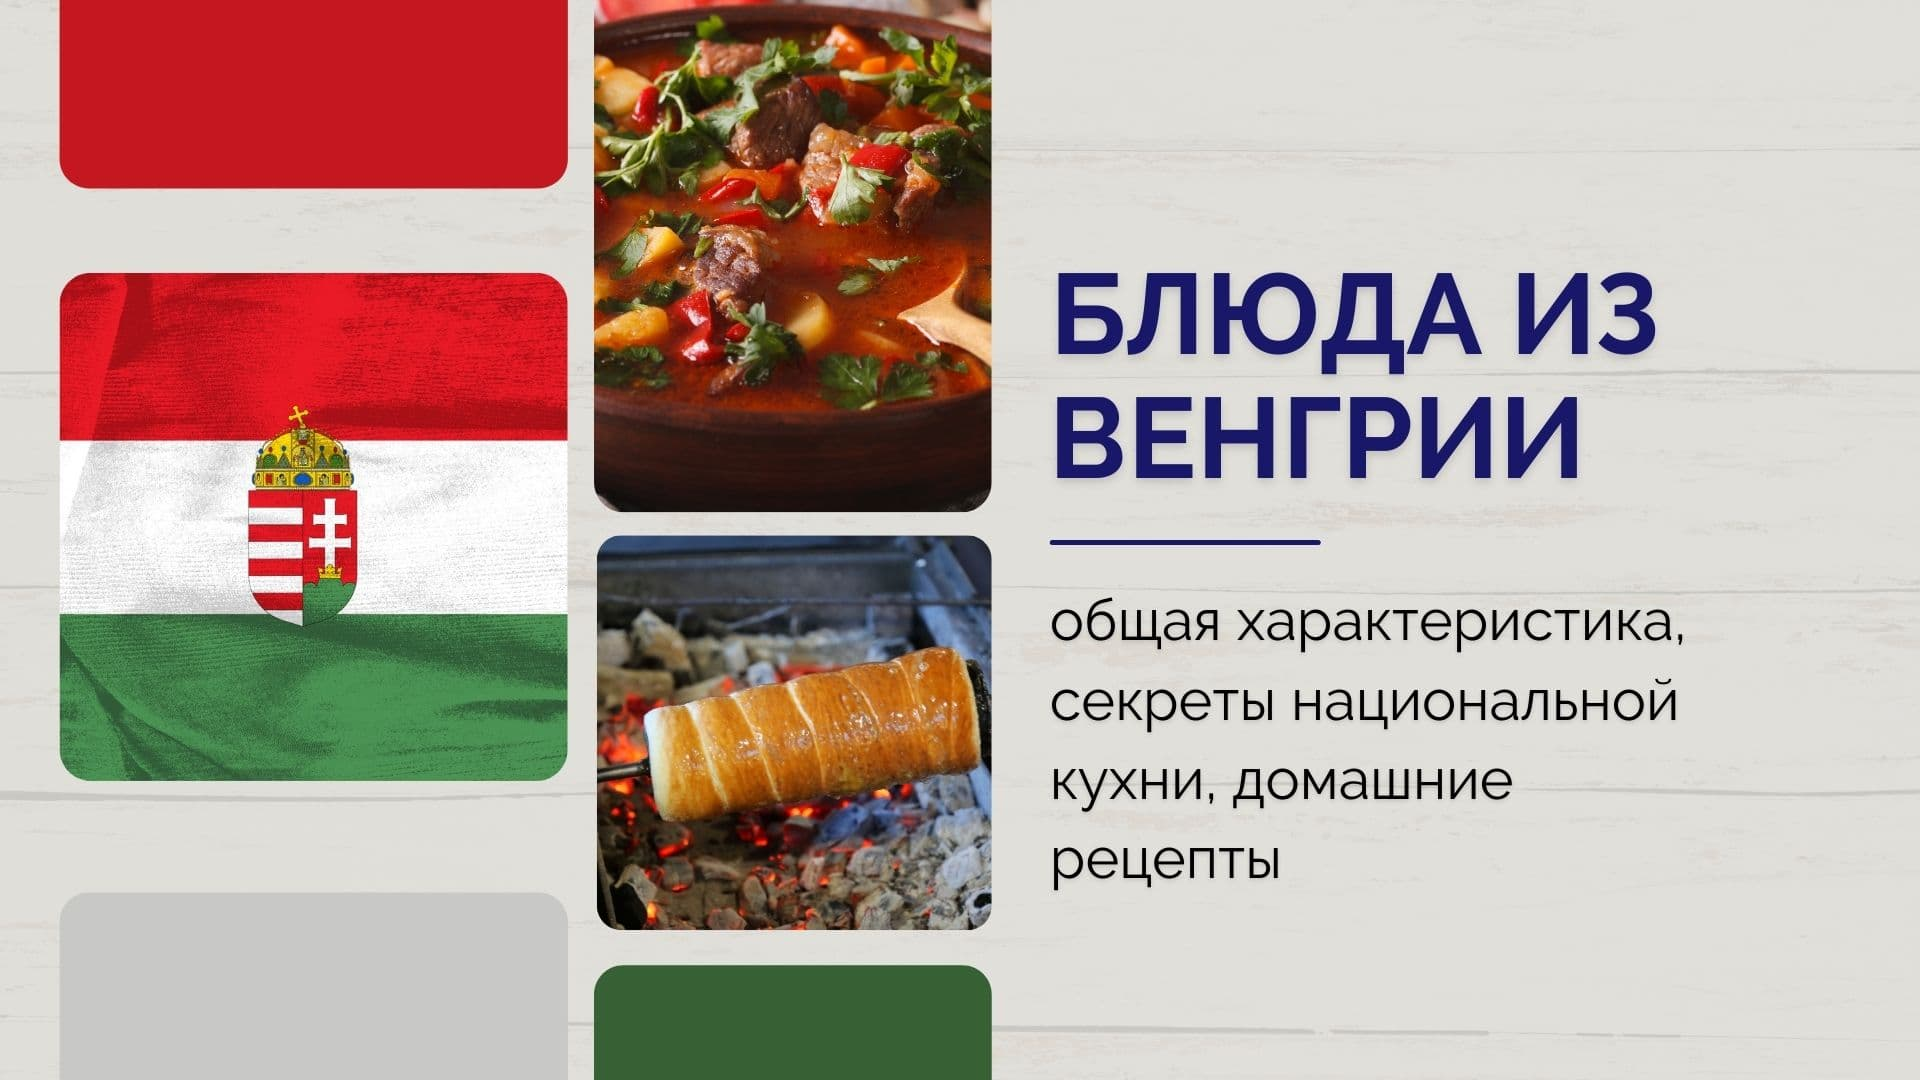 Блюда из Венгрии: общая характеристика, секреты национальной кухни, домашние рецепты